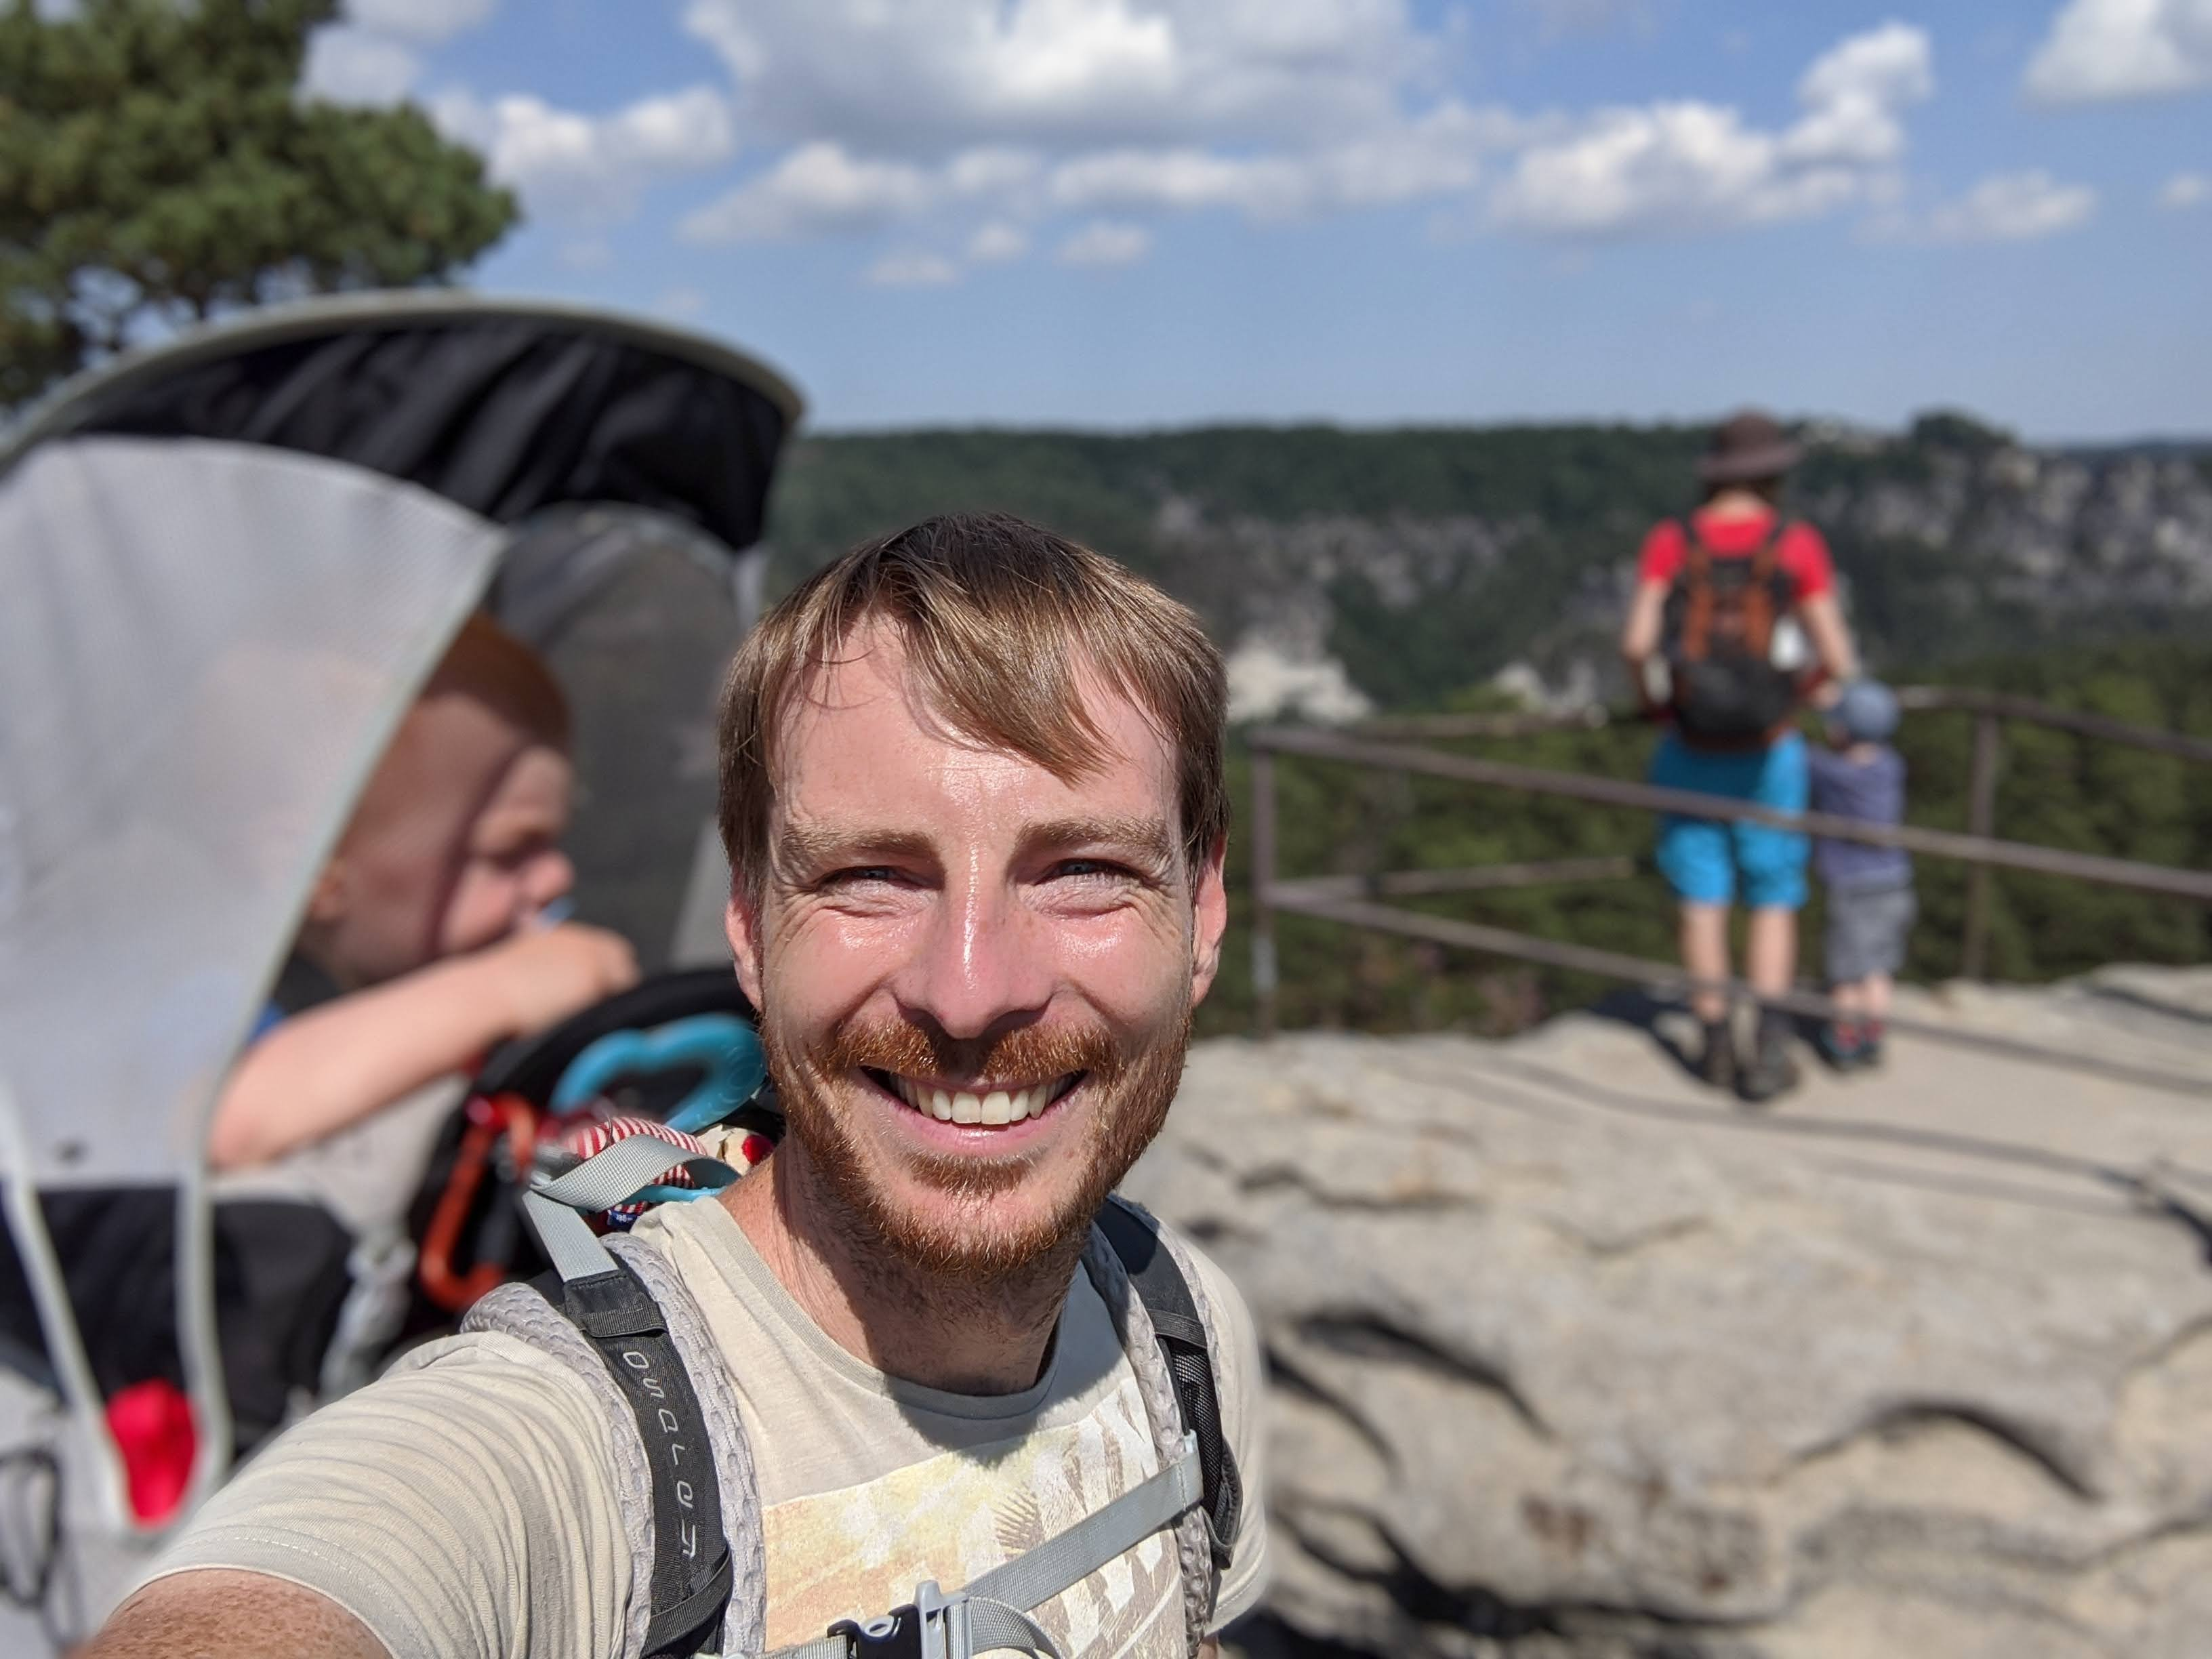 Familie beim Wandern mit Kraxe und Rucksack